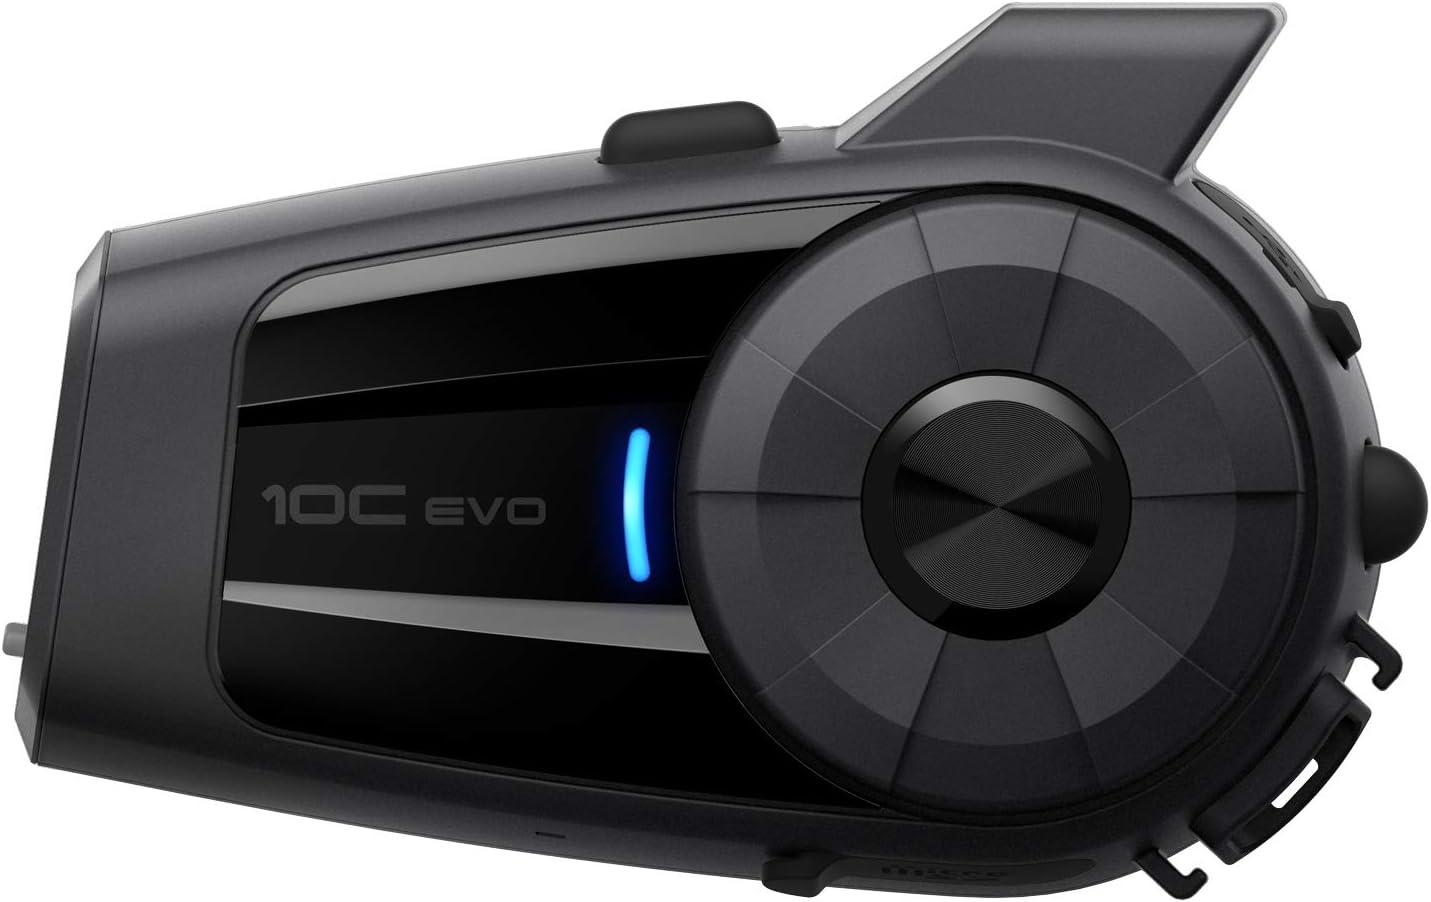 Sena 10C-EVO-01 Cámara Bluetooth para Motos, color Negro